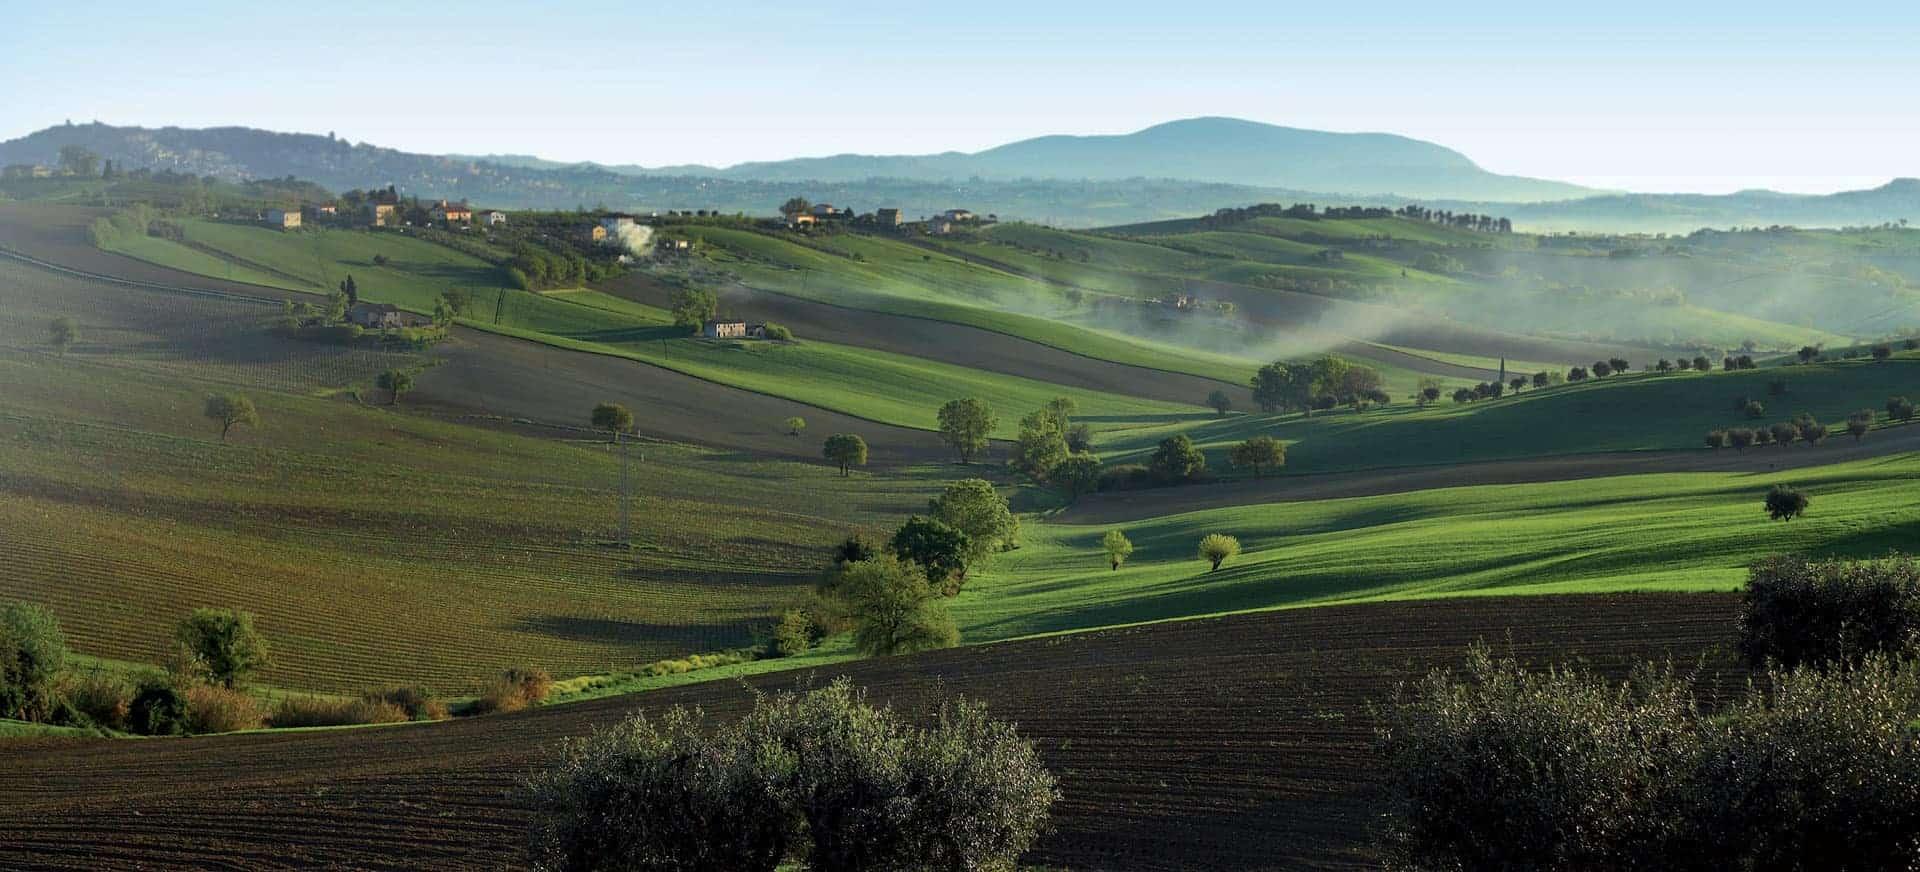 ... per circa 100 km seguendo le suggestioni e seduzioni del paesaggio tra